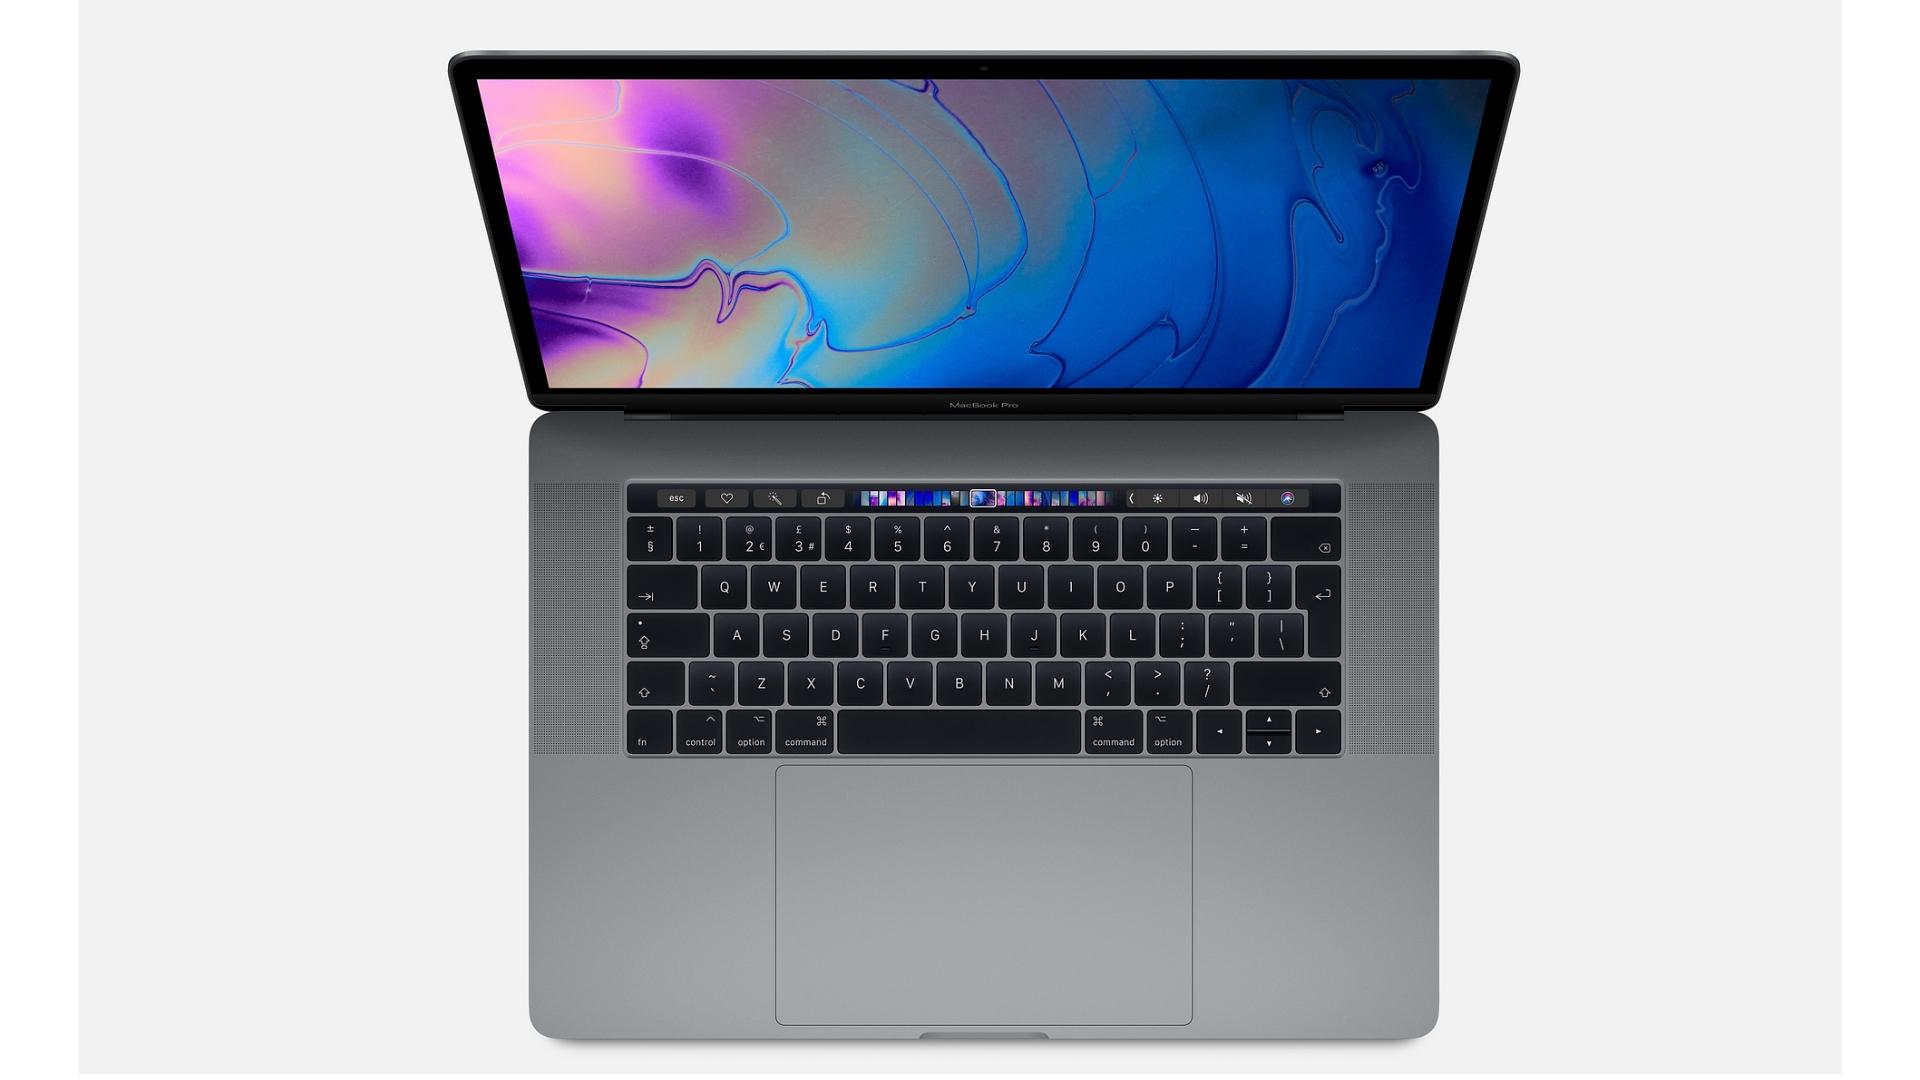 Apple Macbook Pro 15 pulgadas 2018 ofertas precios ventas